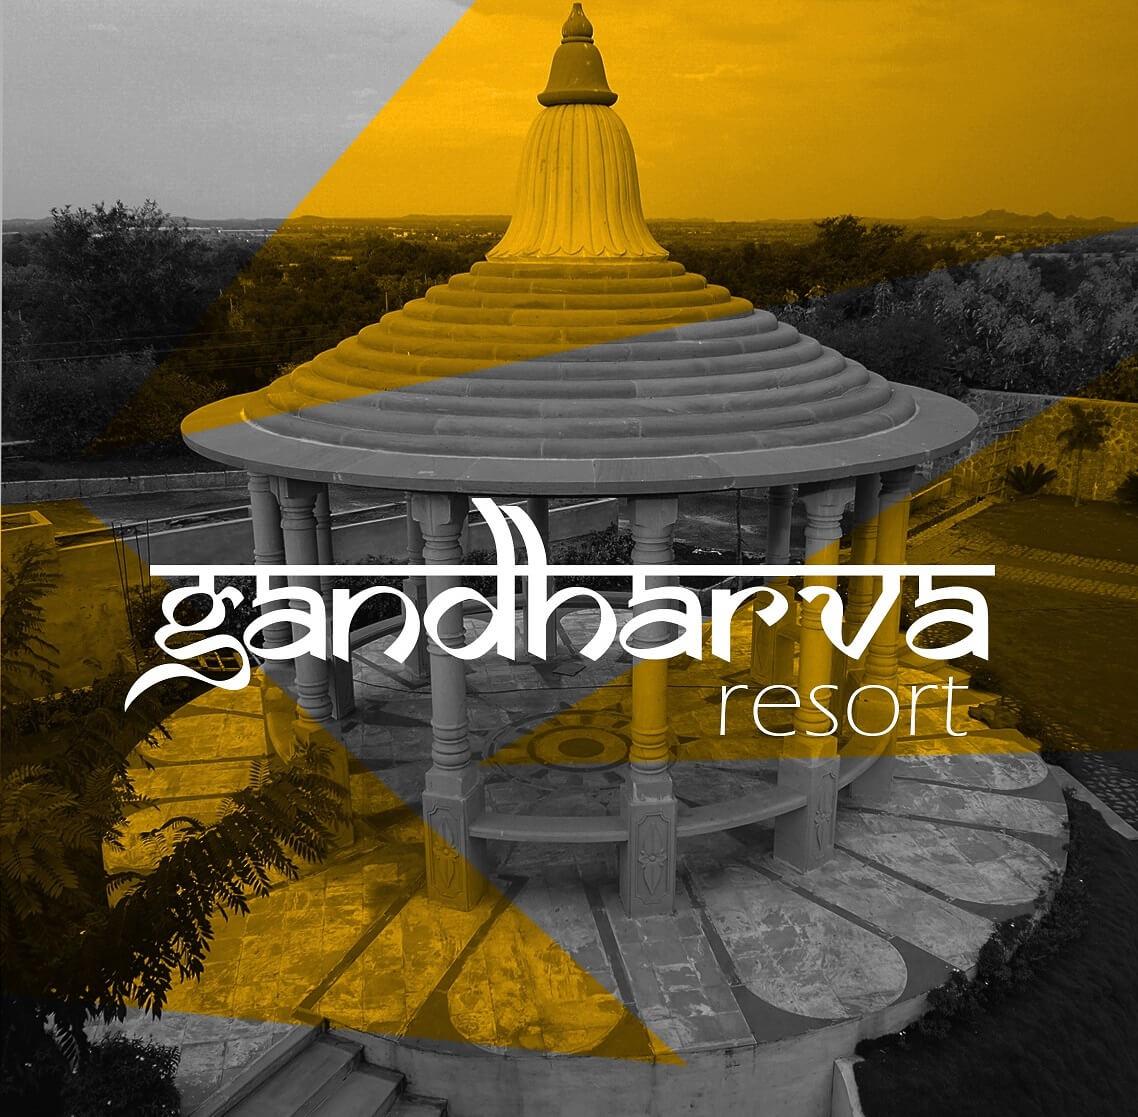 gandharva-resort1-janaharsha group reviews